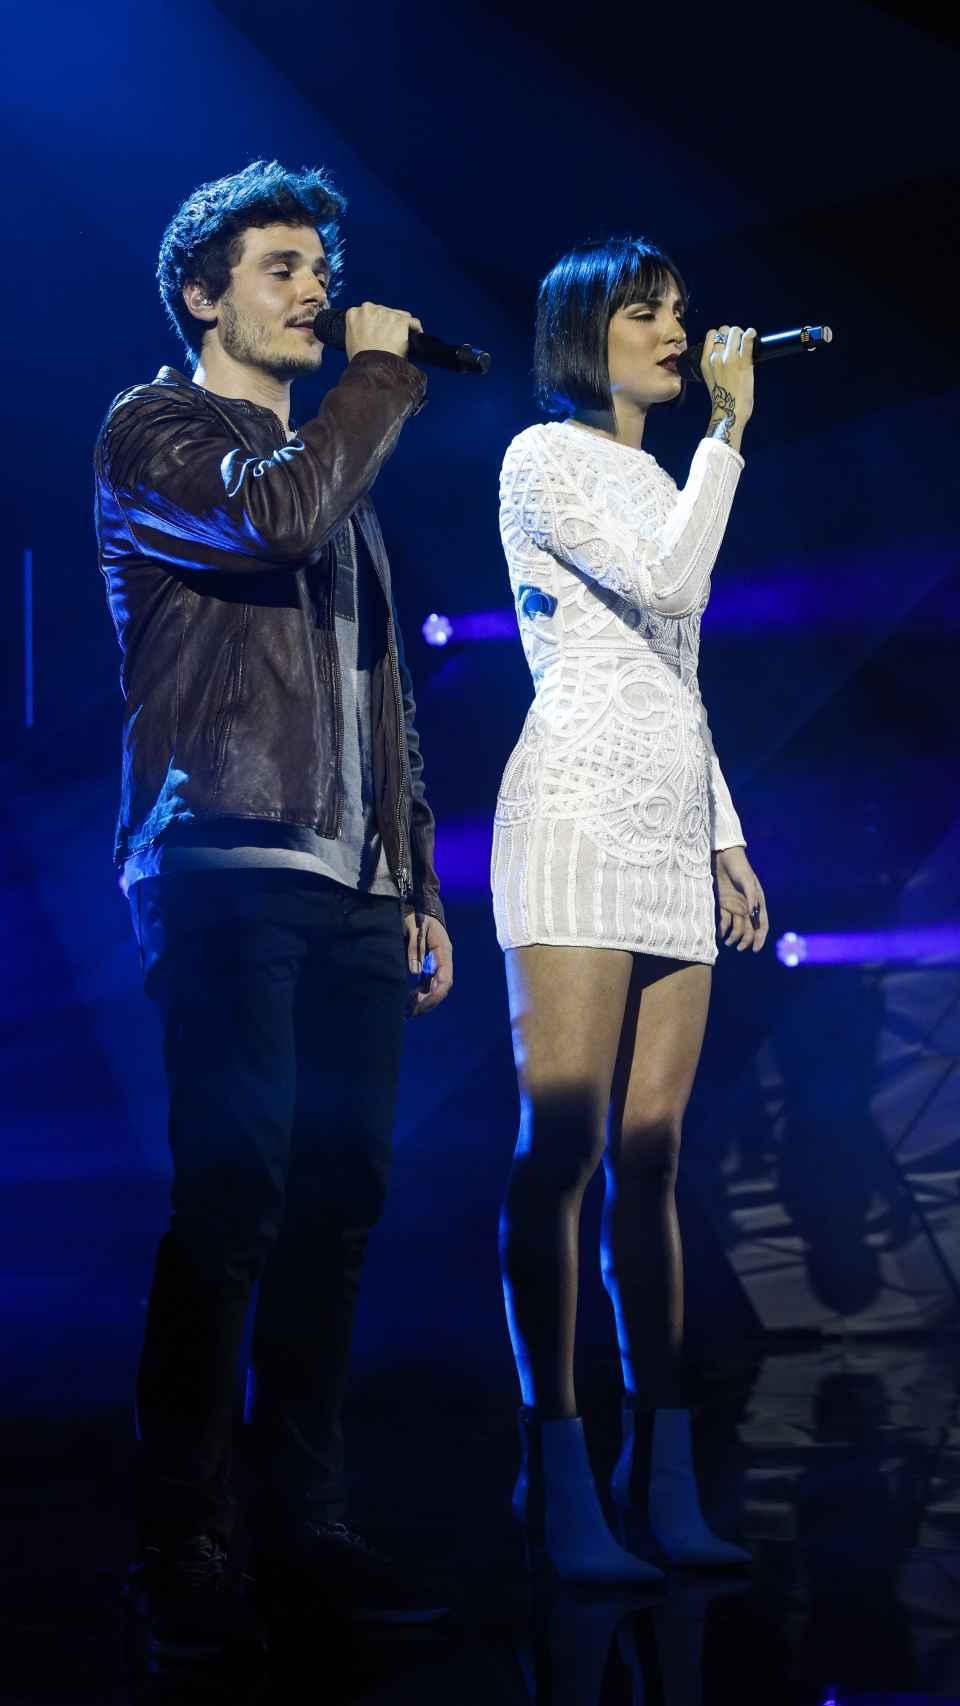 Miki y Natalia cantando.